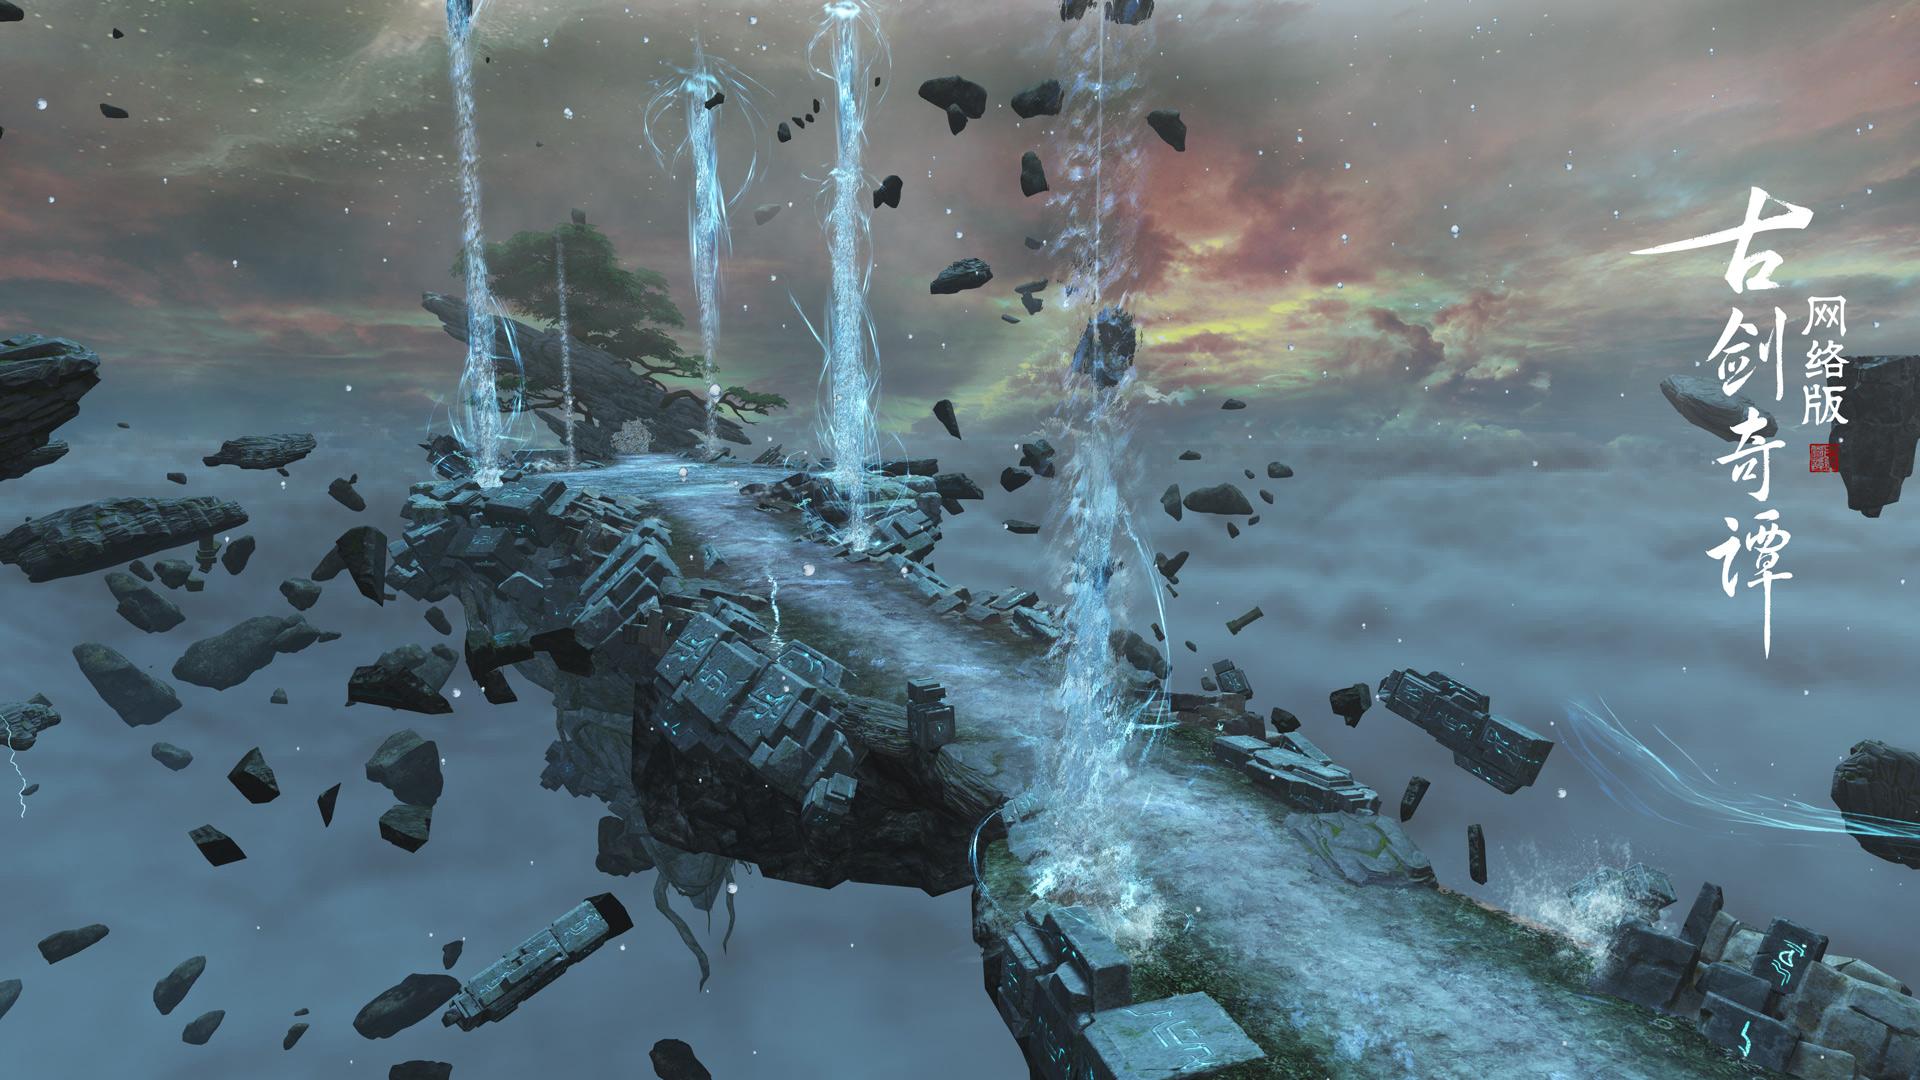 《古剑奇谭OL》琅泉界桥团本开荒攻略